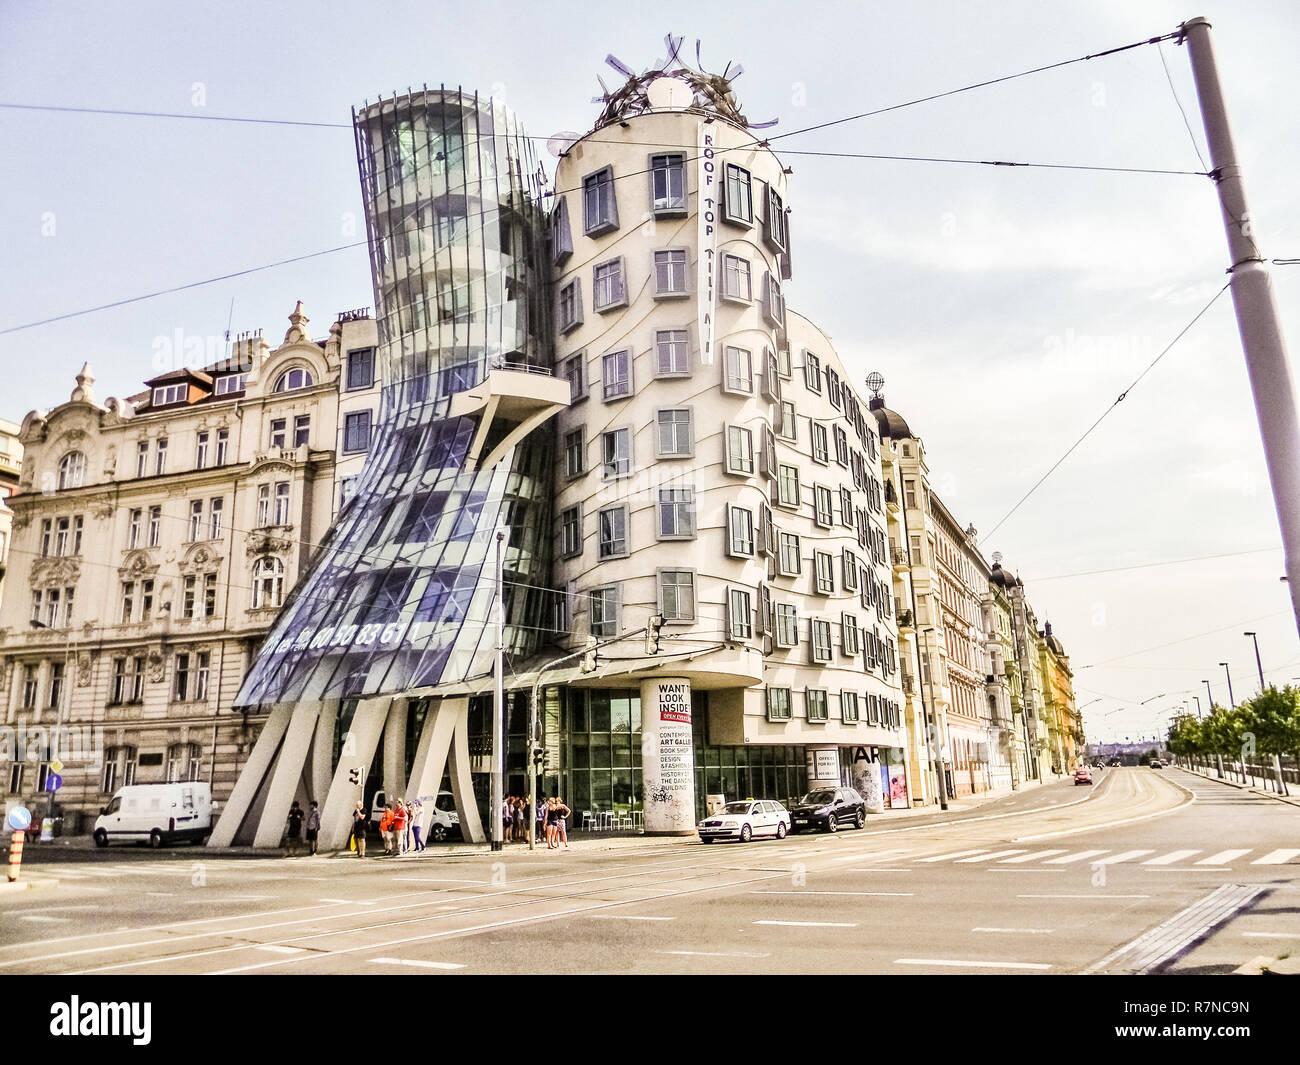 Praga REPUBBLICA CECA, 18 marzo 2015: La Casa danzante di Praga, architettura moderna Foto Stock